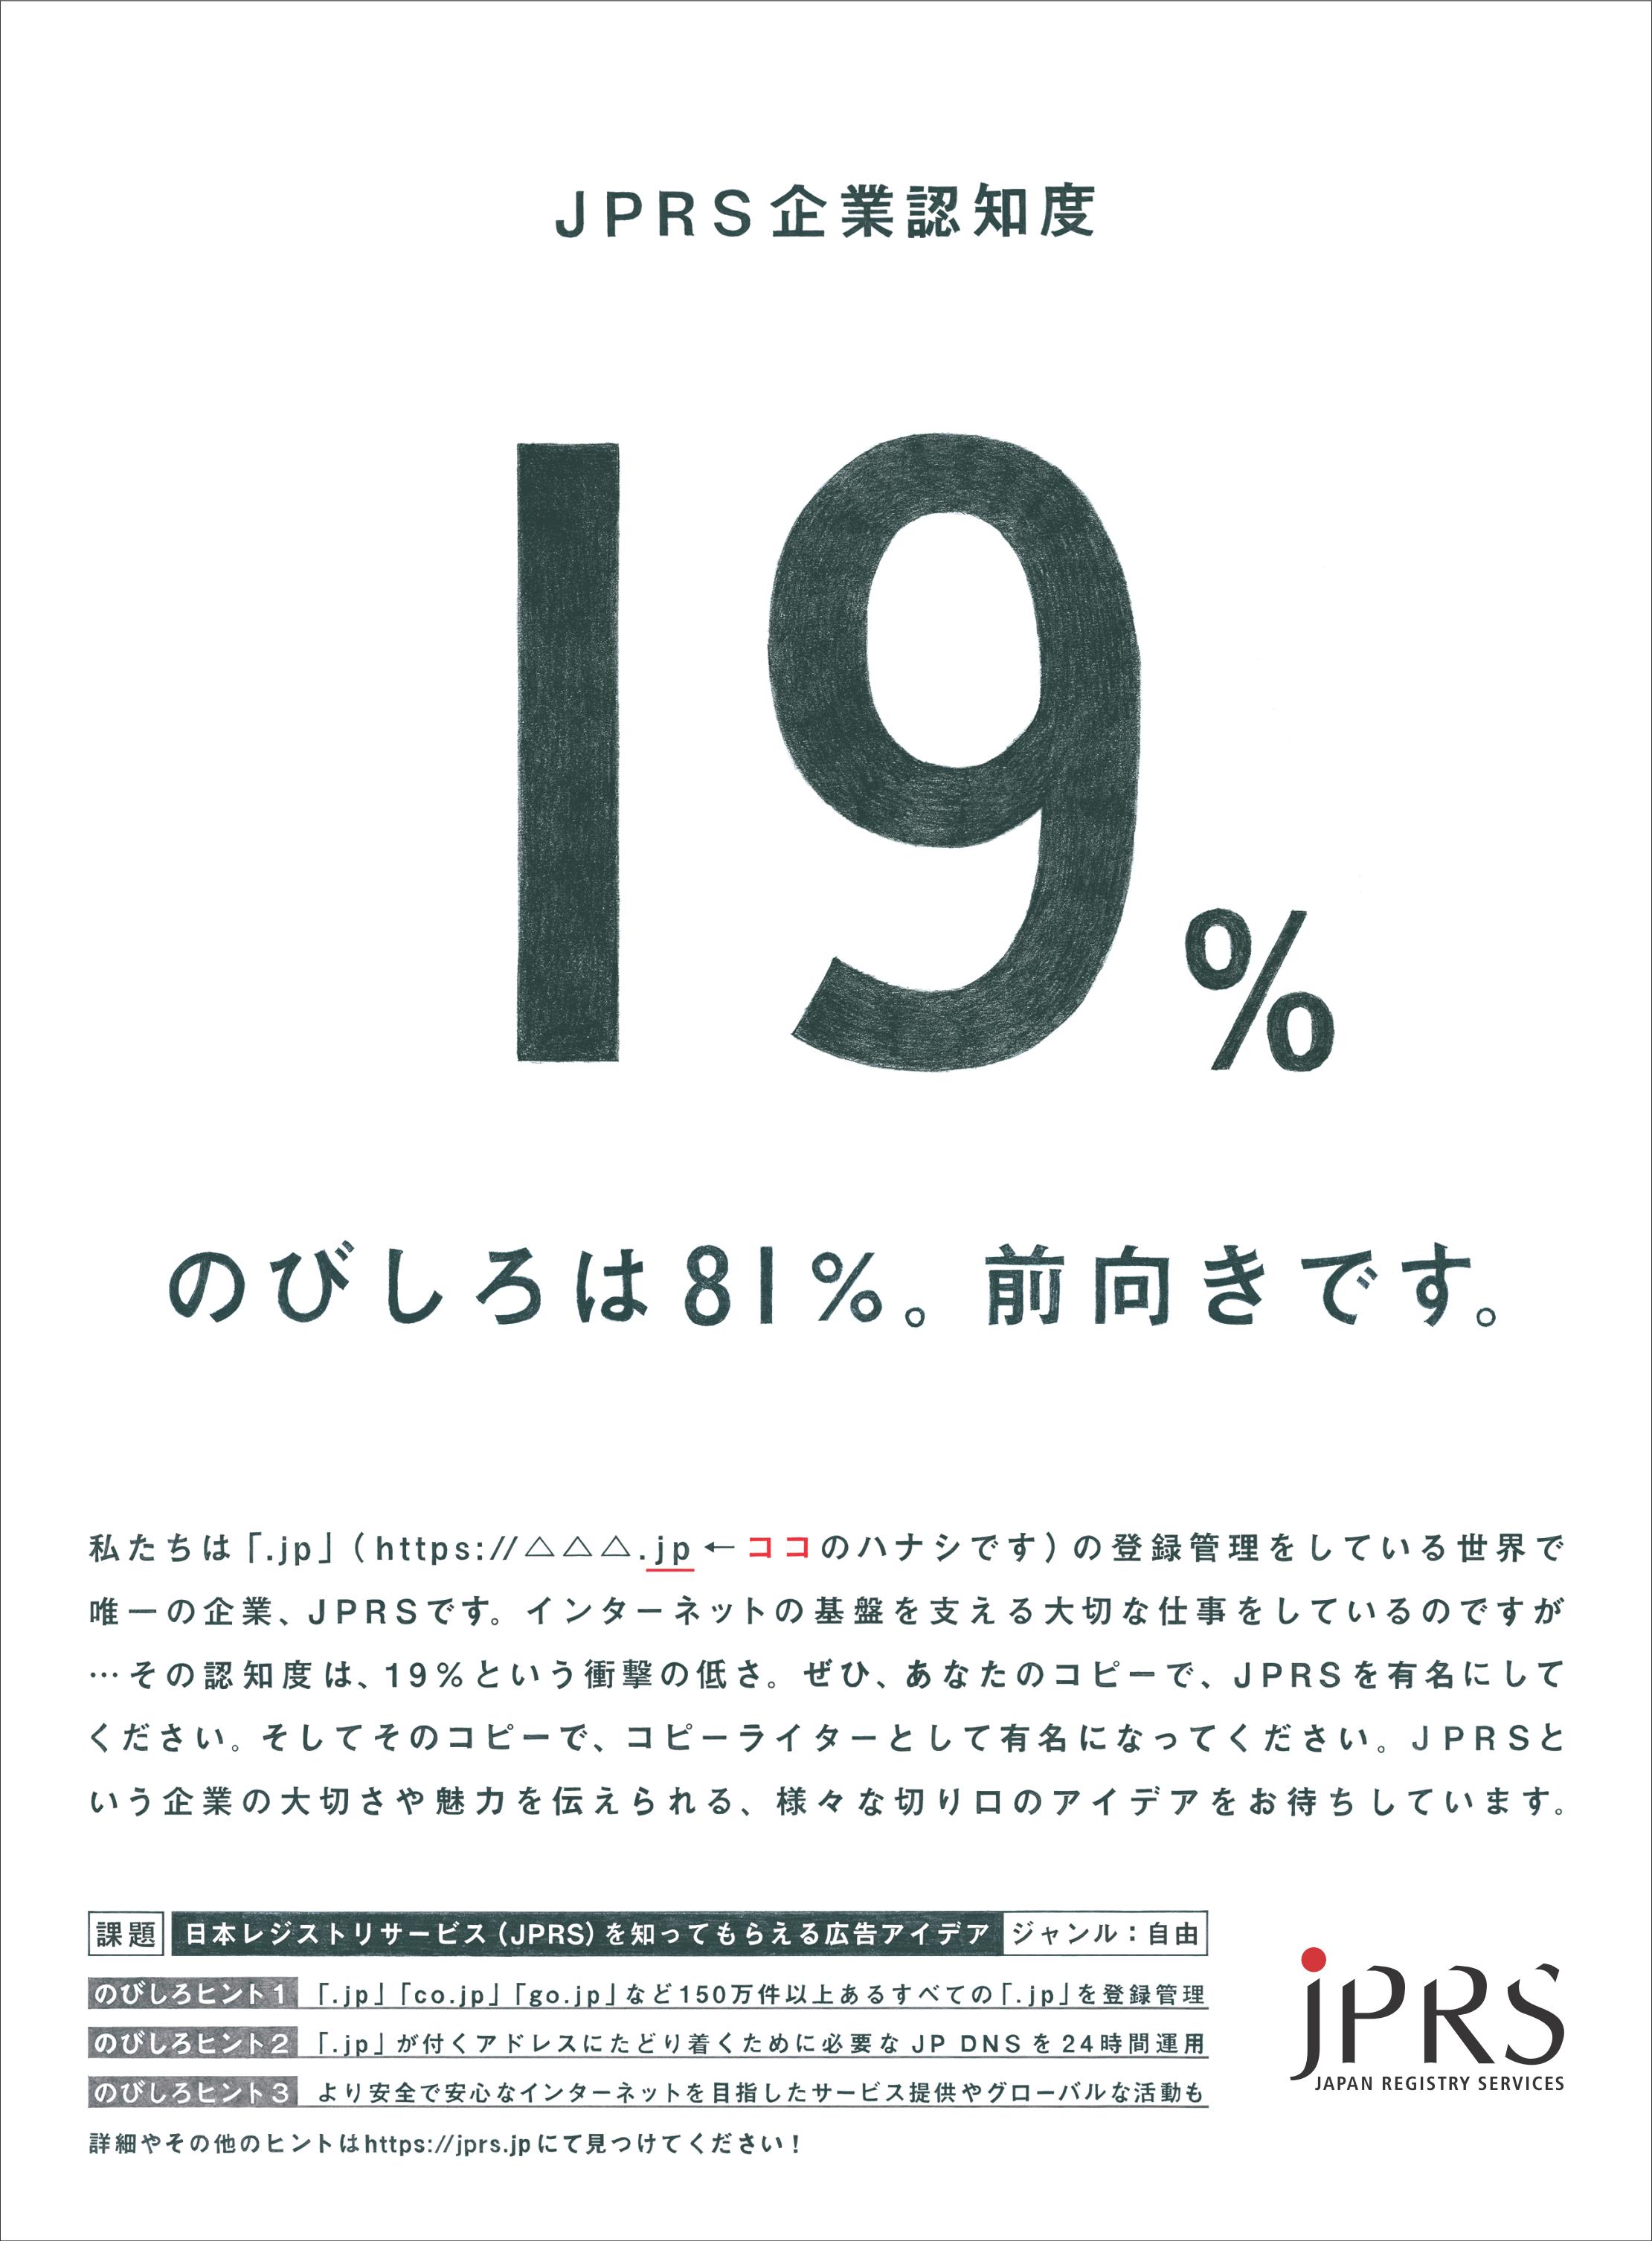 40.日本レジストリサービス